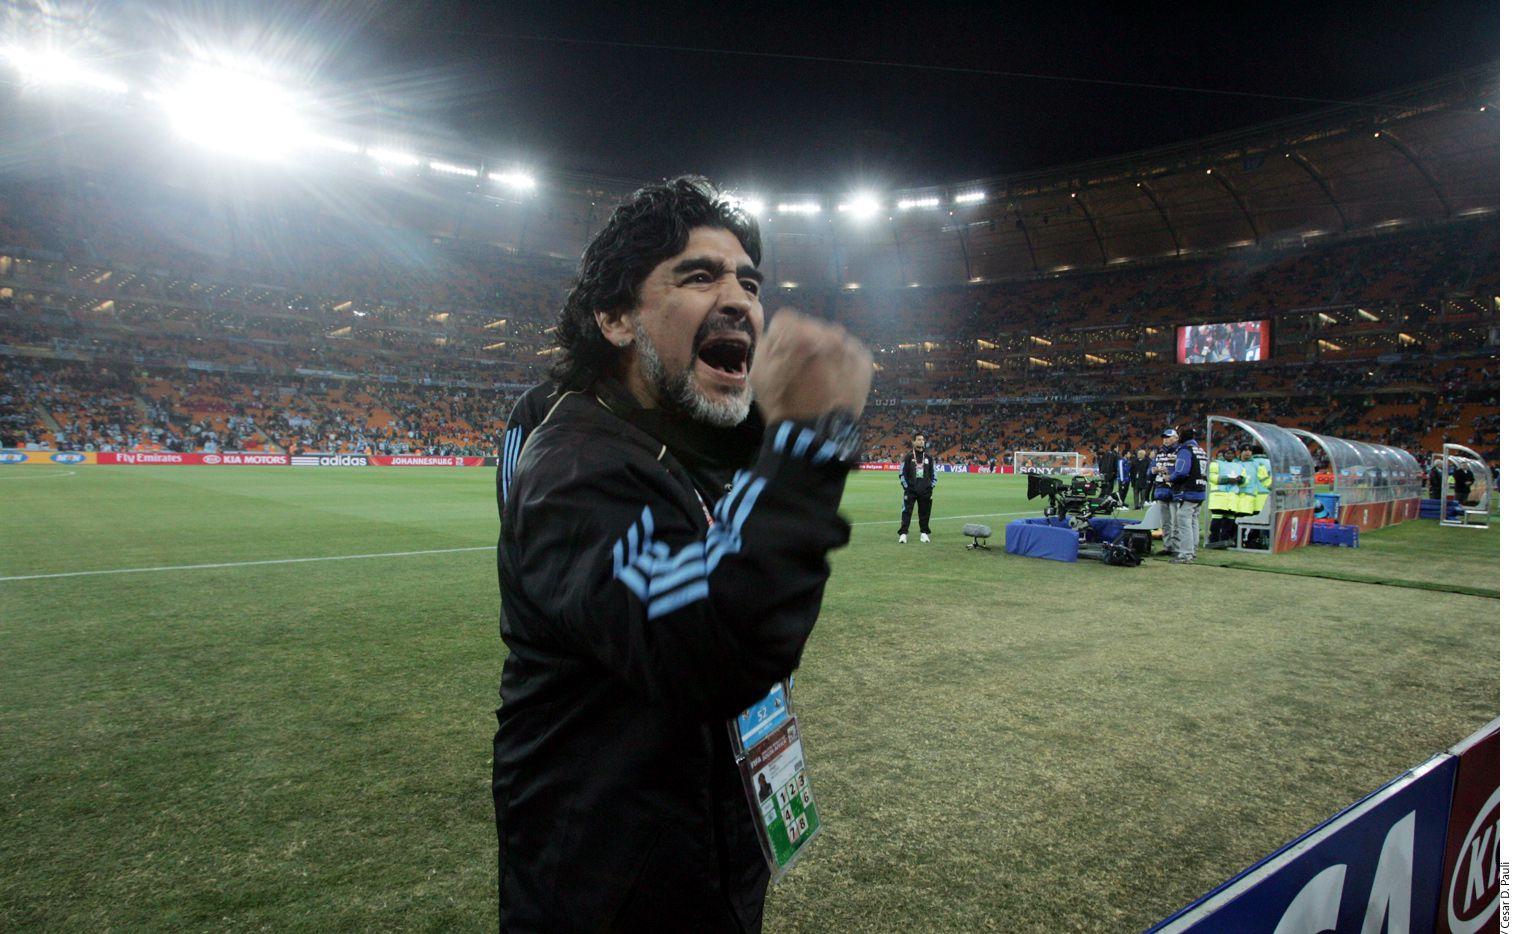 Tras la clasificación sufrida de Argentina a Octavos de Rusia 2018, tras ganarle a Nigeria, el martes pasado se hizo viral un video en el que se ve a Diego Maradona (foto) descompensado en su palco del estadio y luego un audio en el que se decía había fallecido. AP